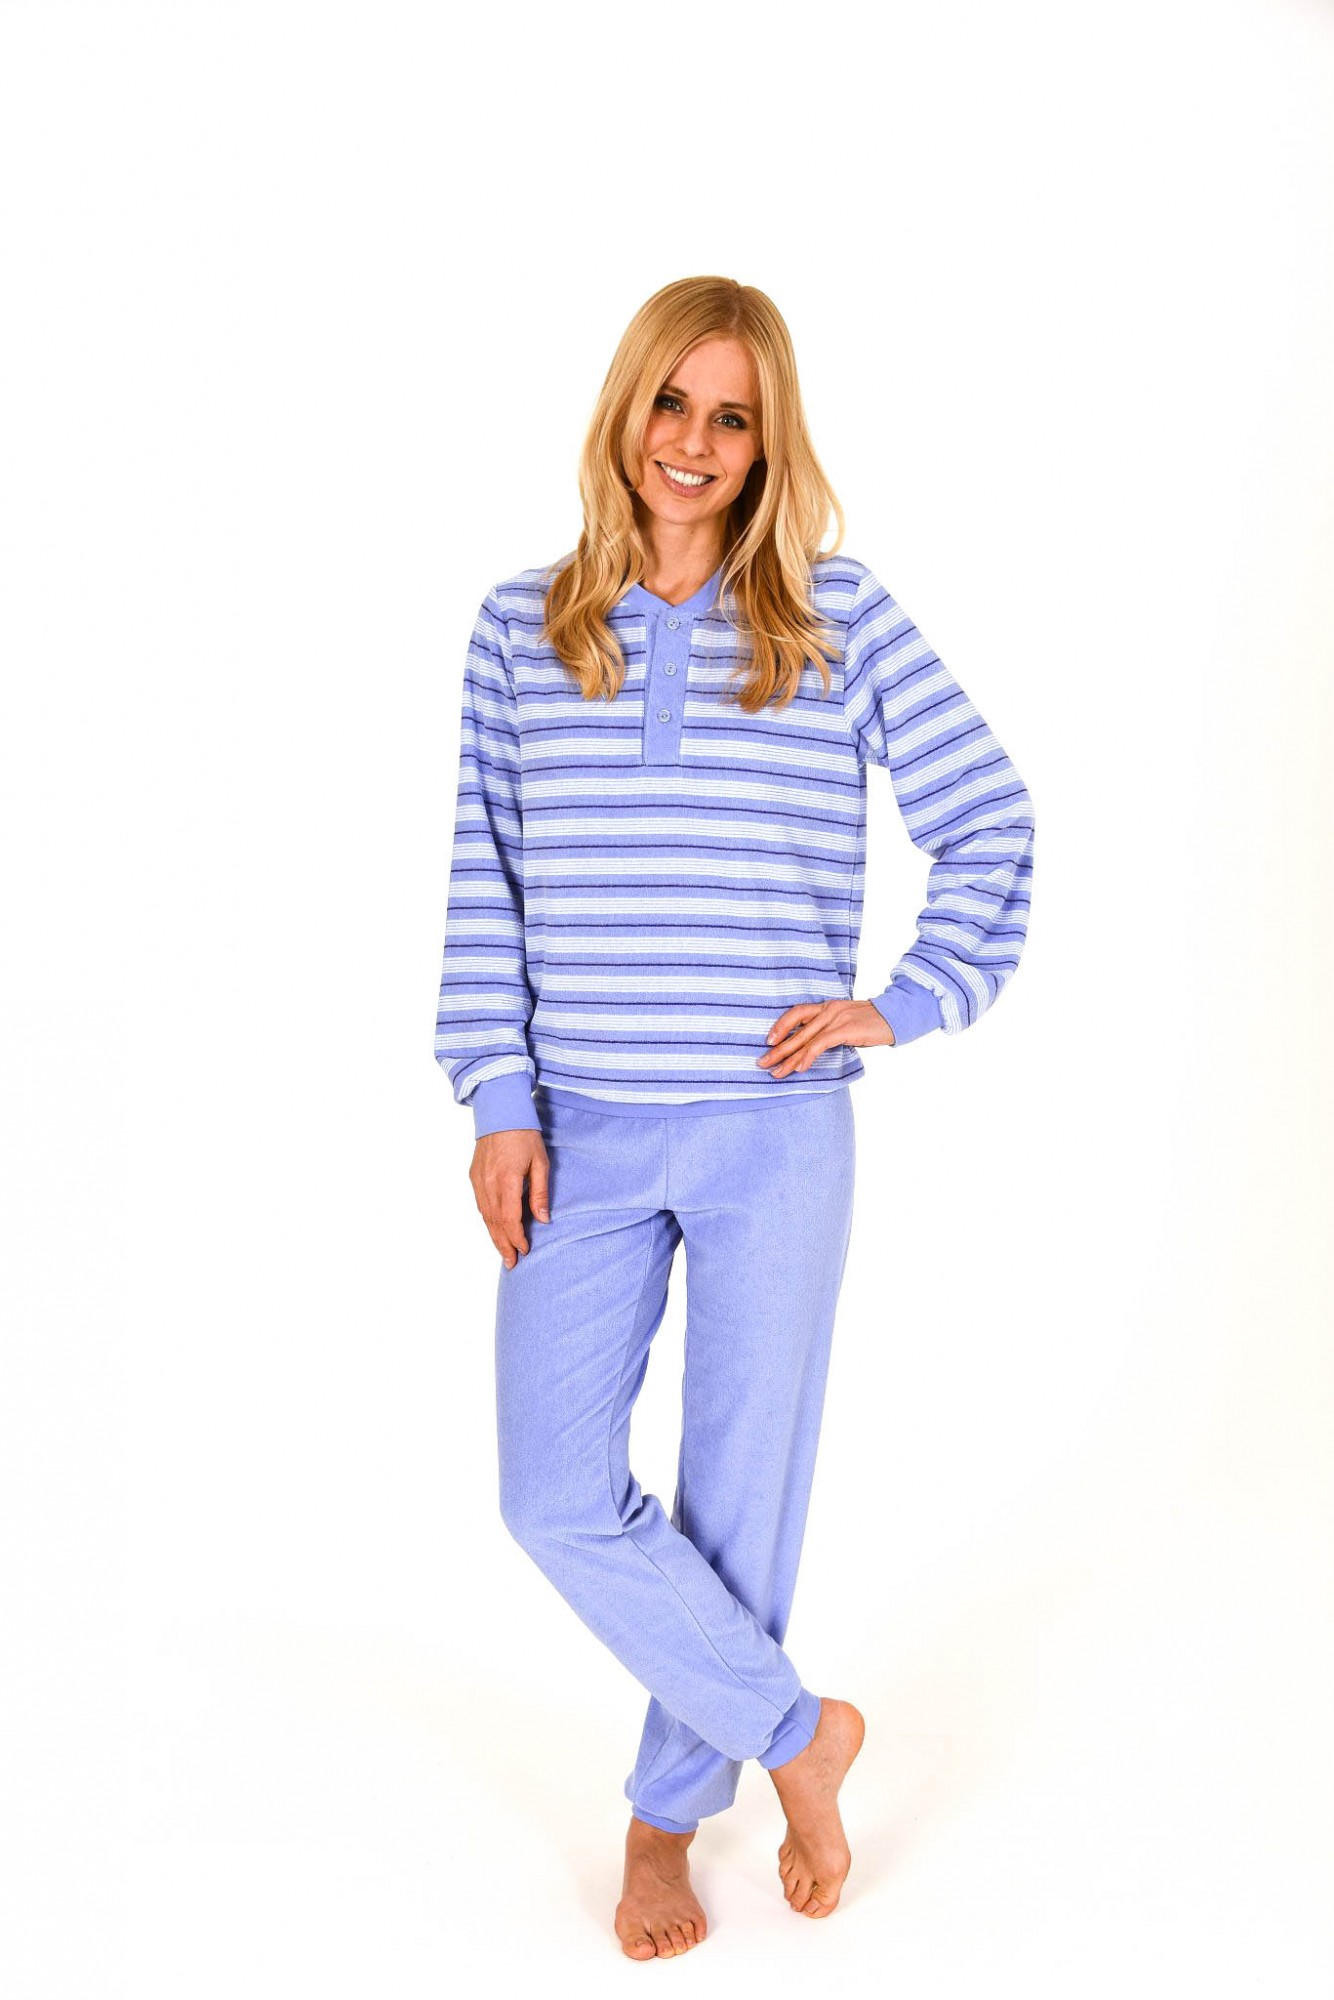 Damen Frottee Pyjama lang mit Bündchen und Knopfleiste – 261 201 93 139 001